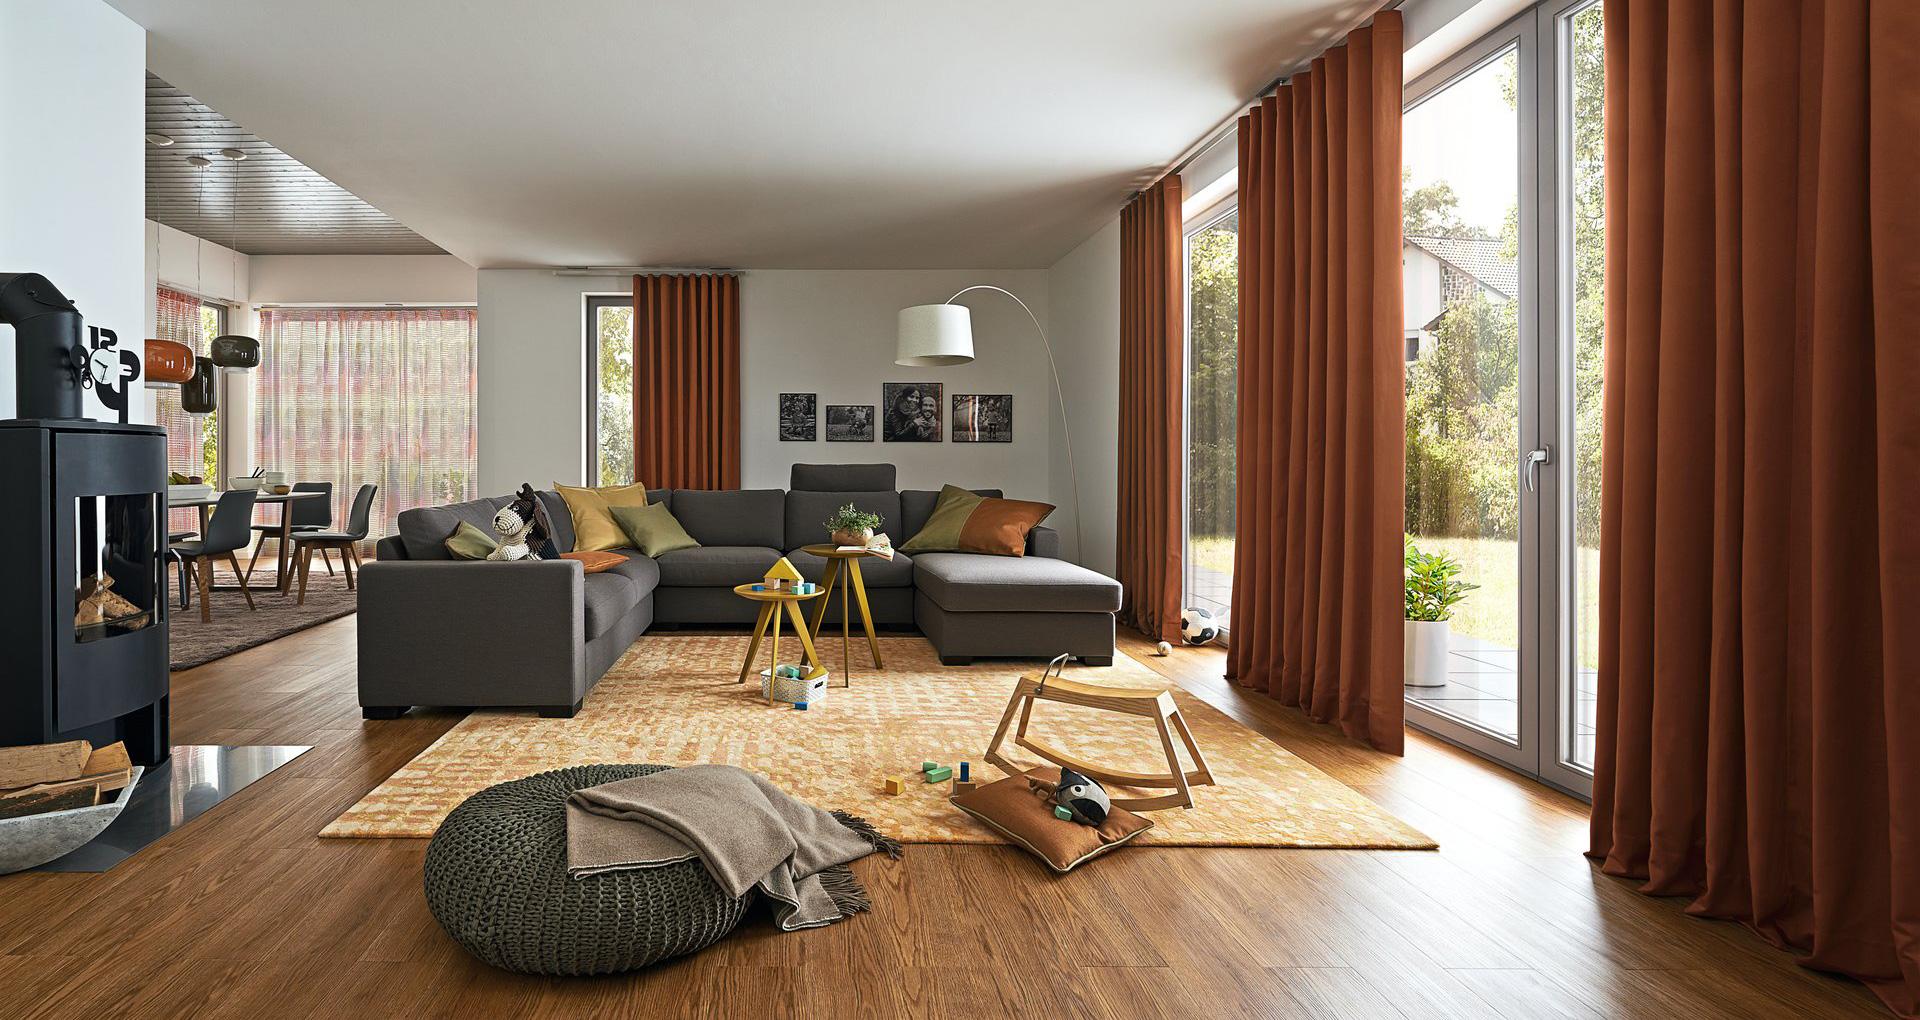 Herzlich willkommen dekoline modernes wohndesign in pasewalk for Modernes wohndesign